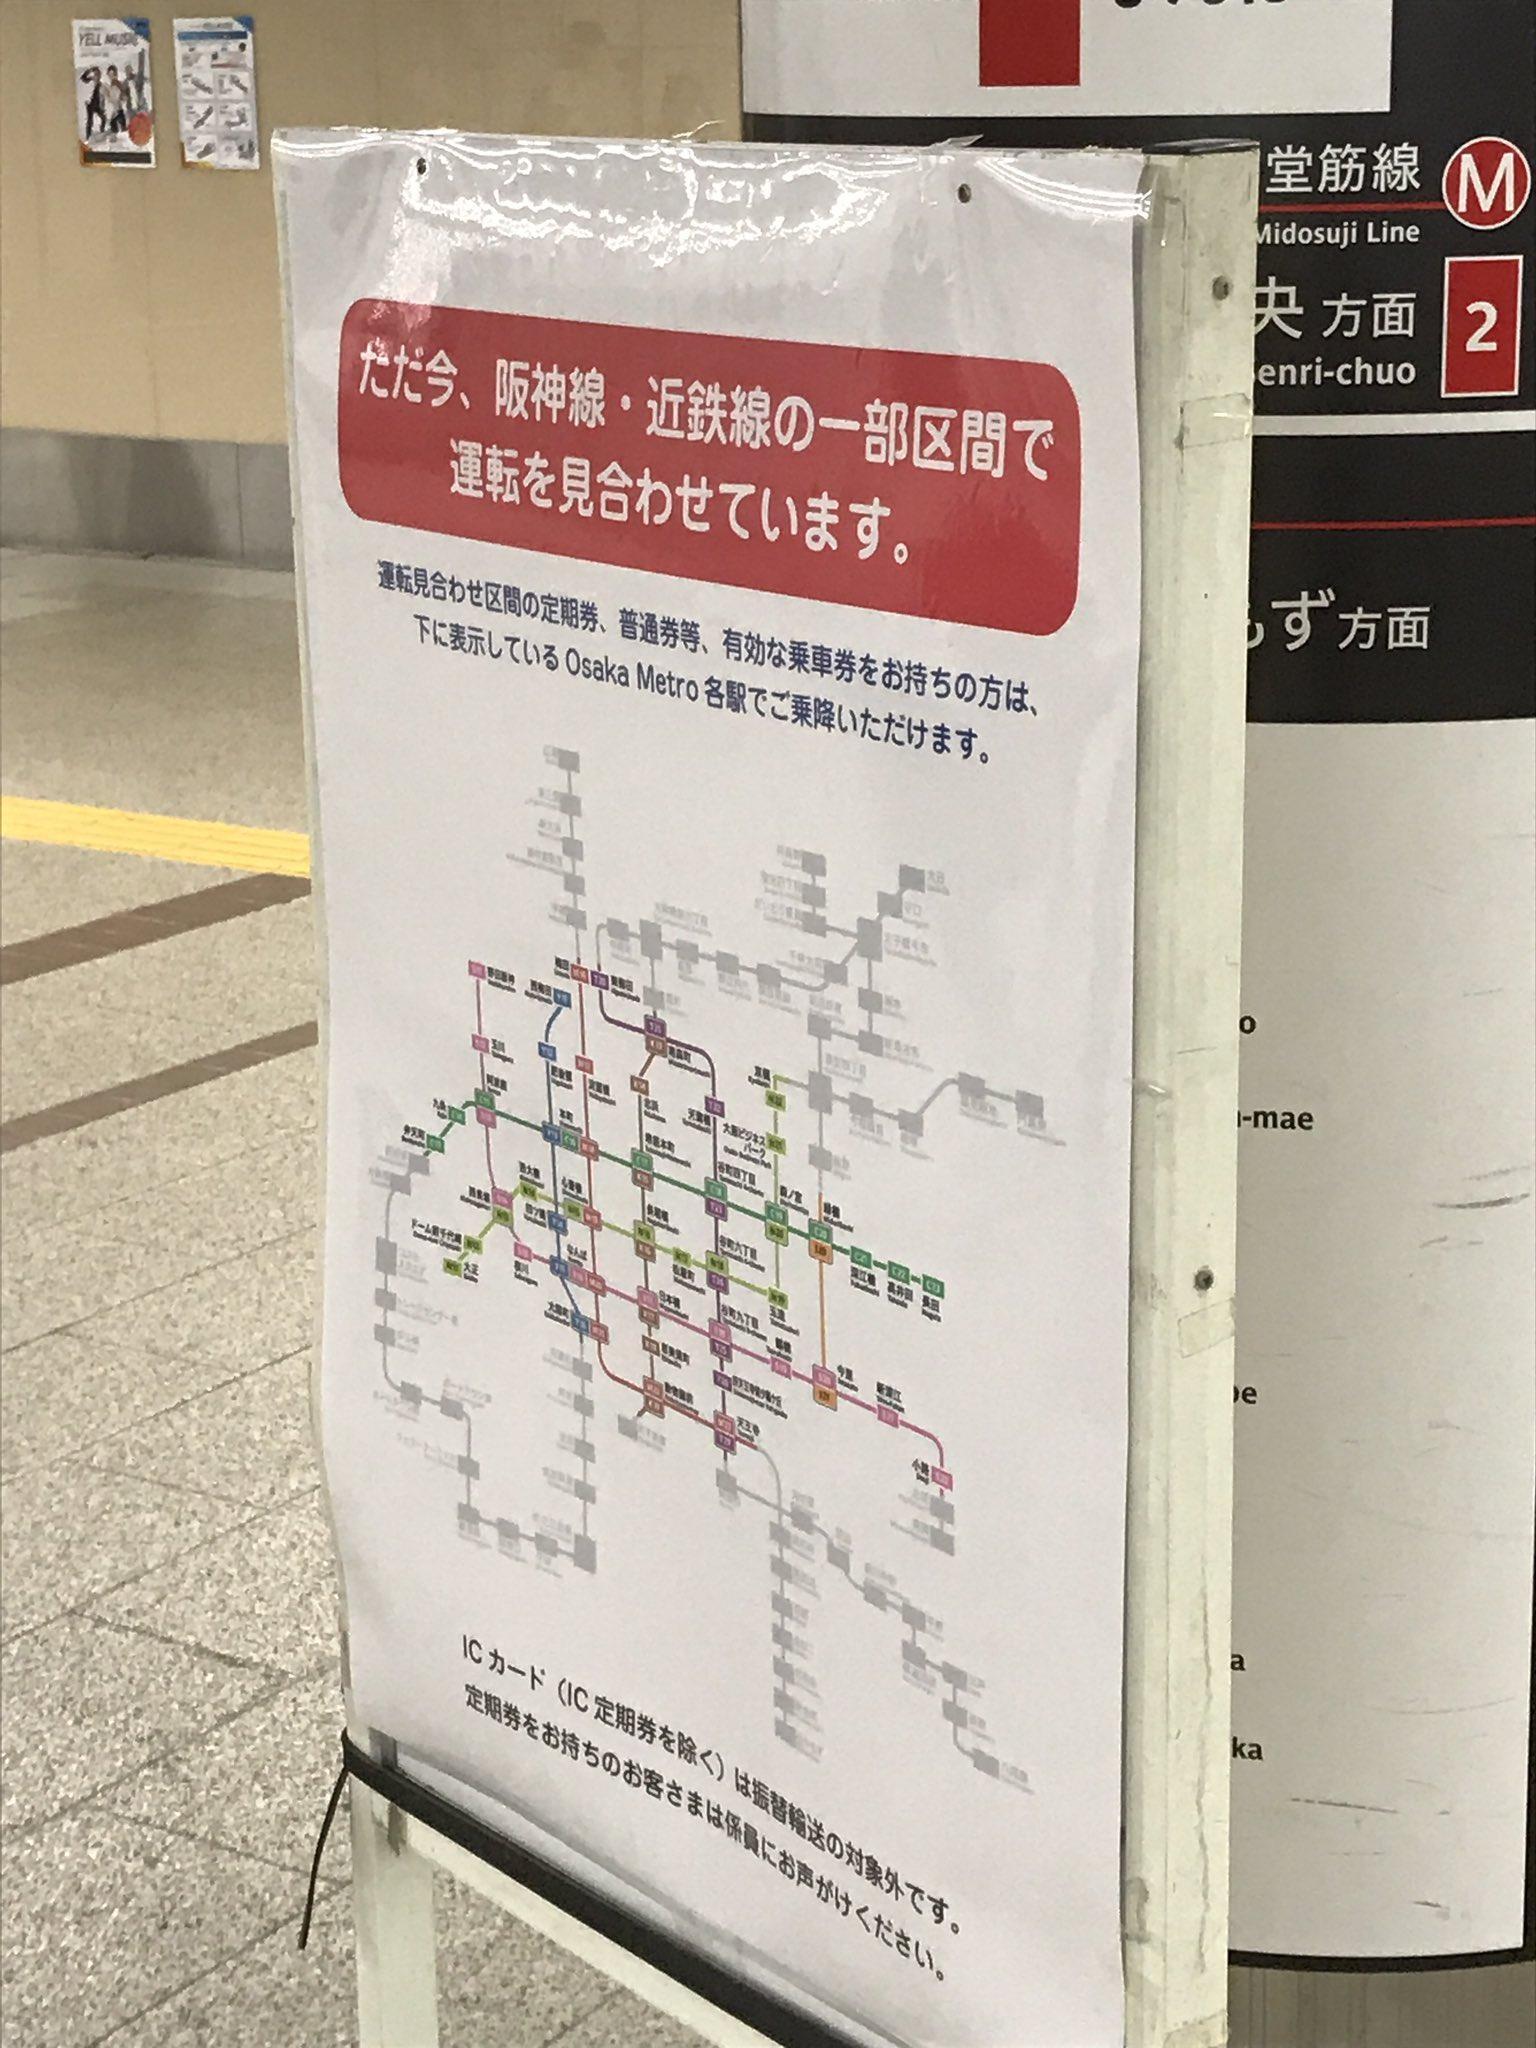 奈良線の近鉄枚岡駅~額田駅間で人身事故が起きた掲示板の画像